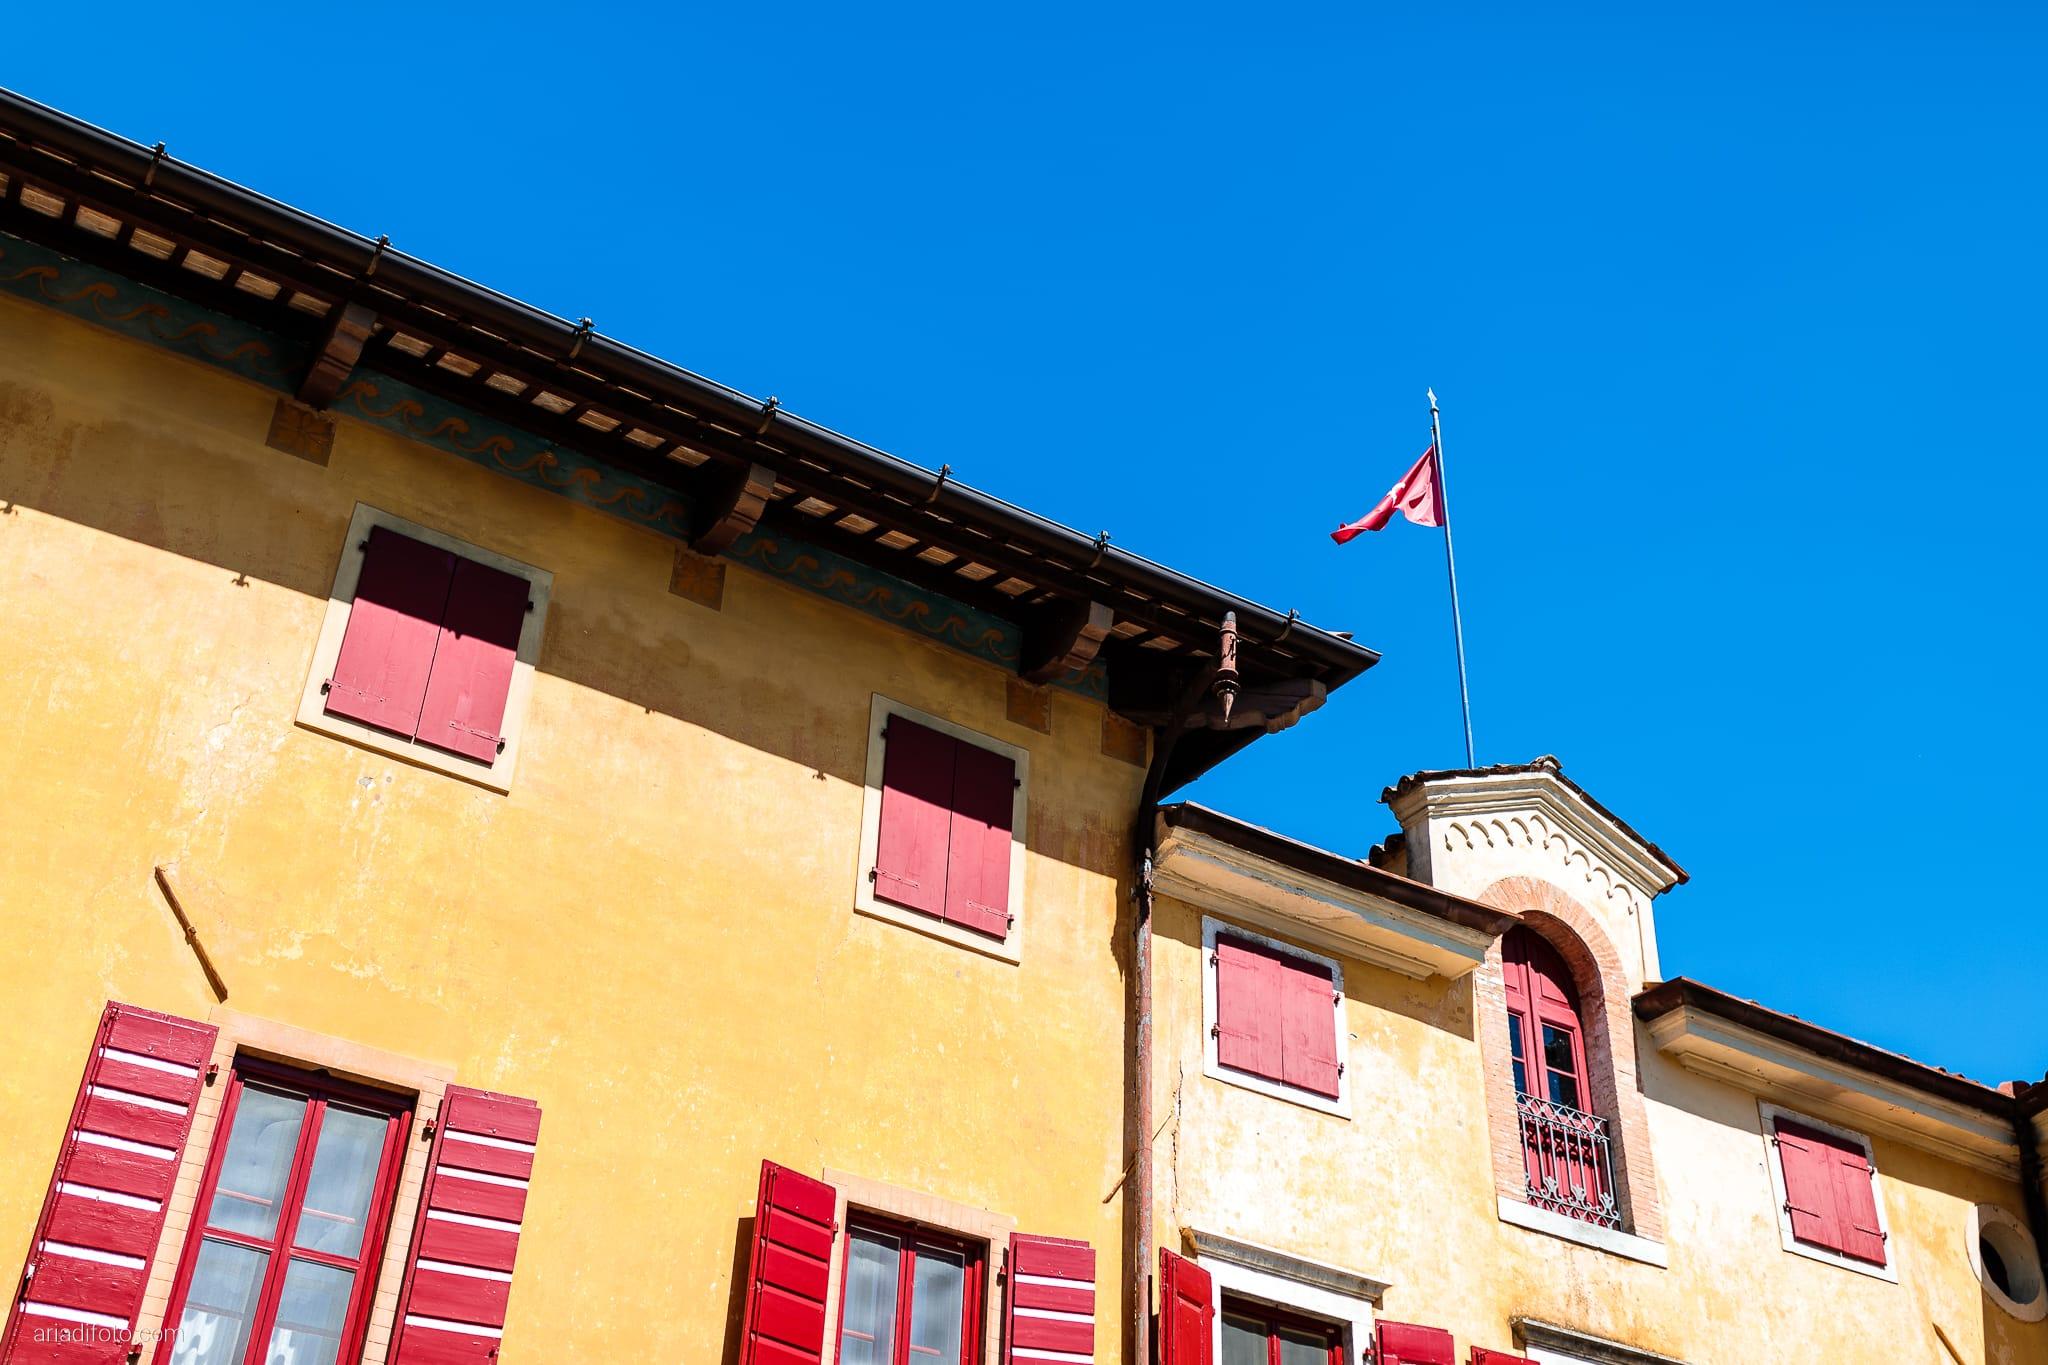 Alice Paolo Matrimonio San Giorgio Villa Iachia Ruda Udine ricevimento dettagli location